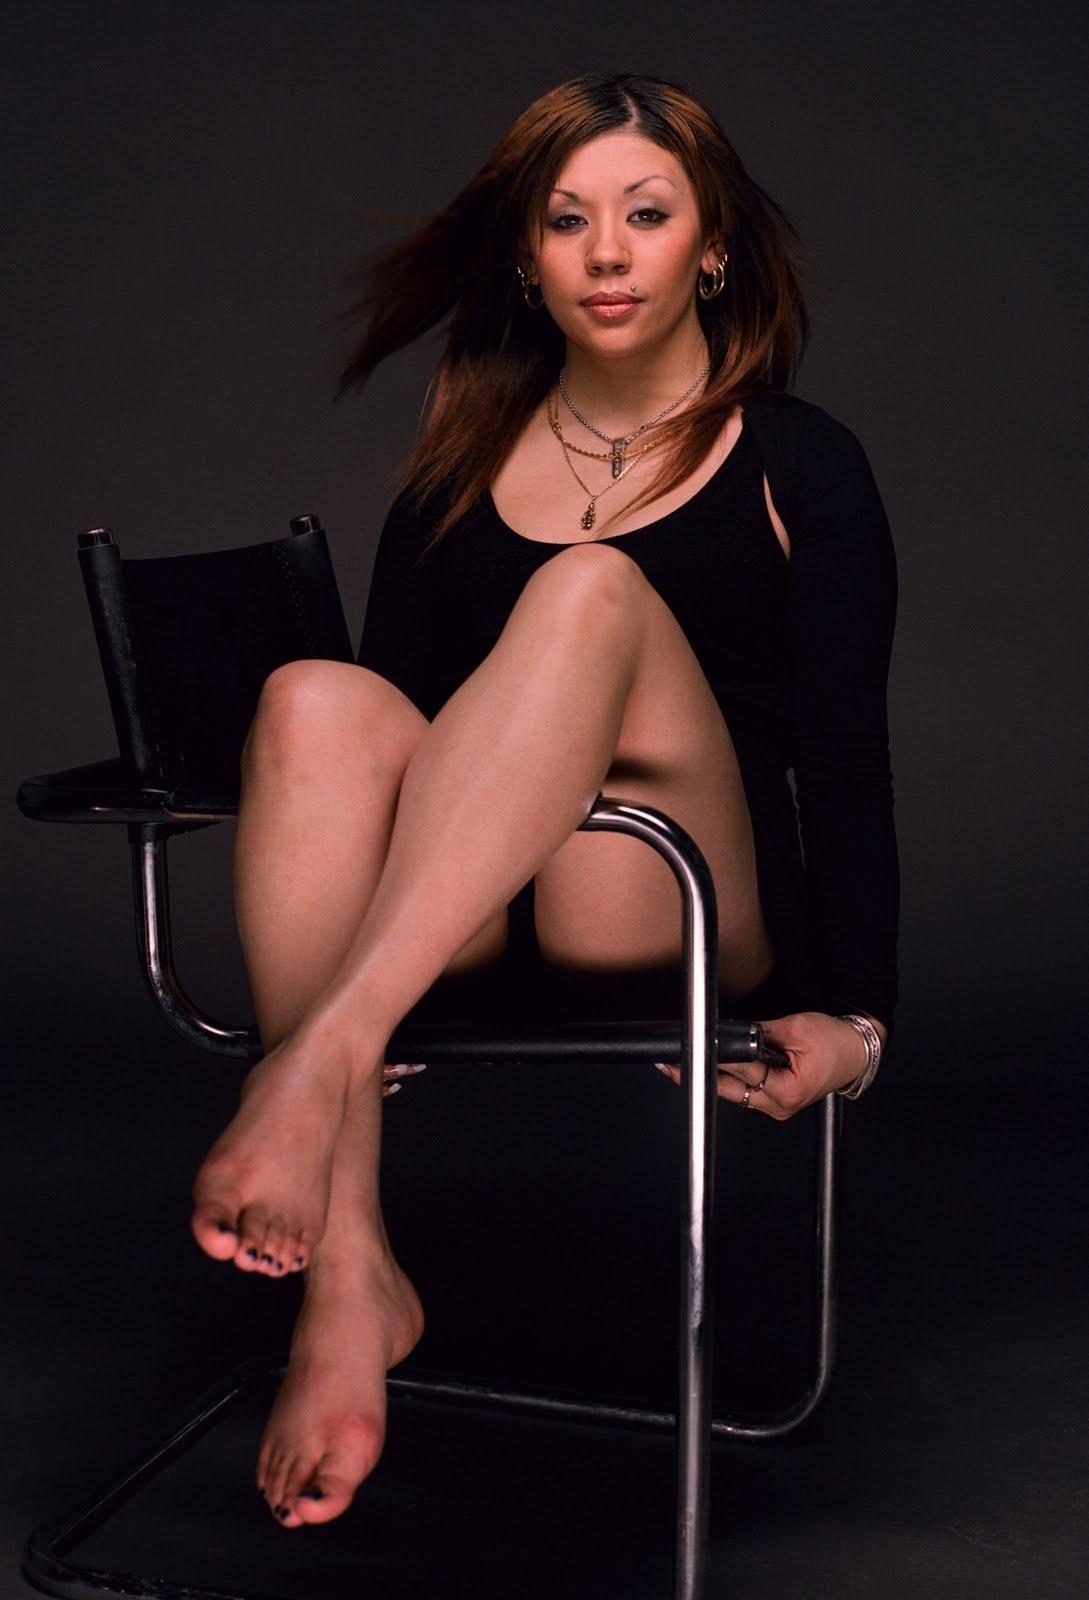 Feet Collection : Mutya Buena Feet